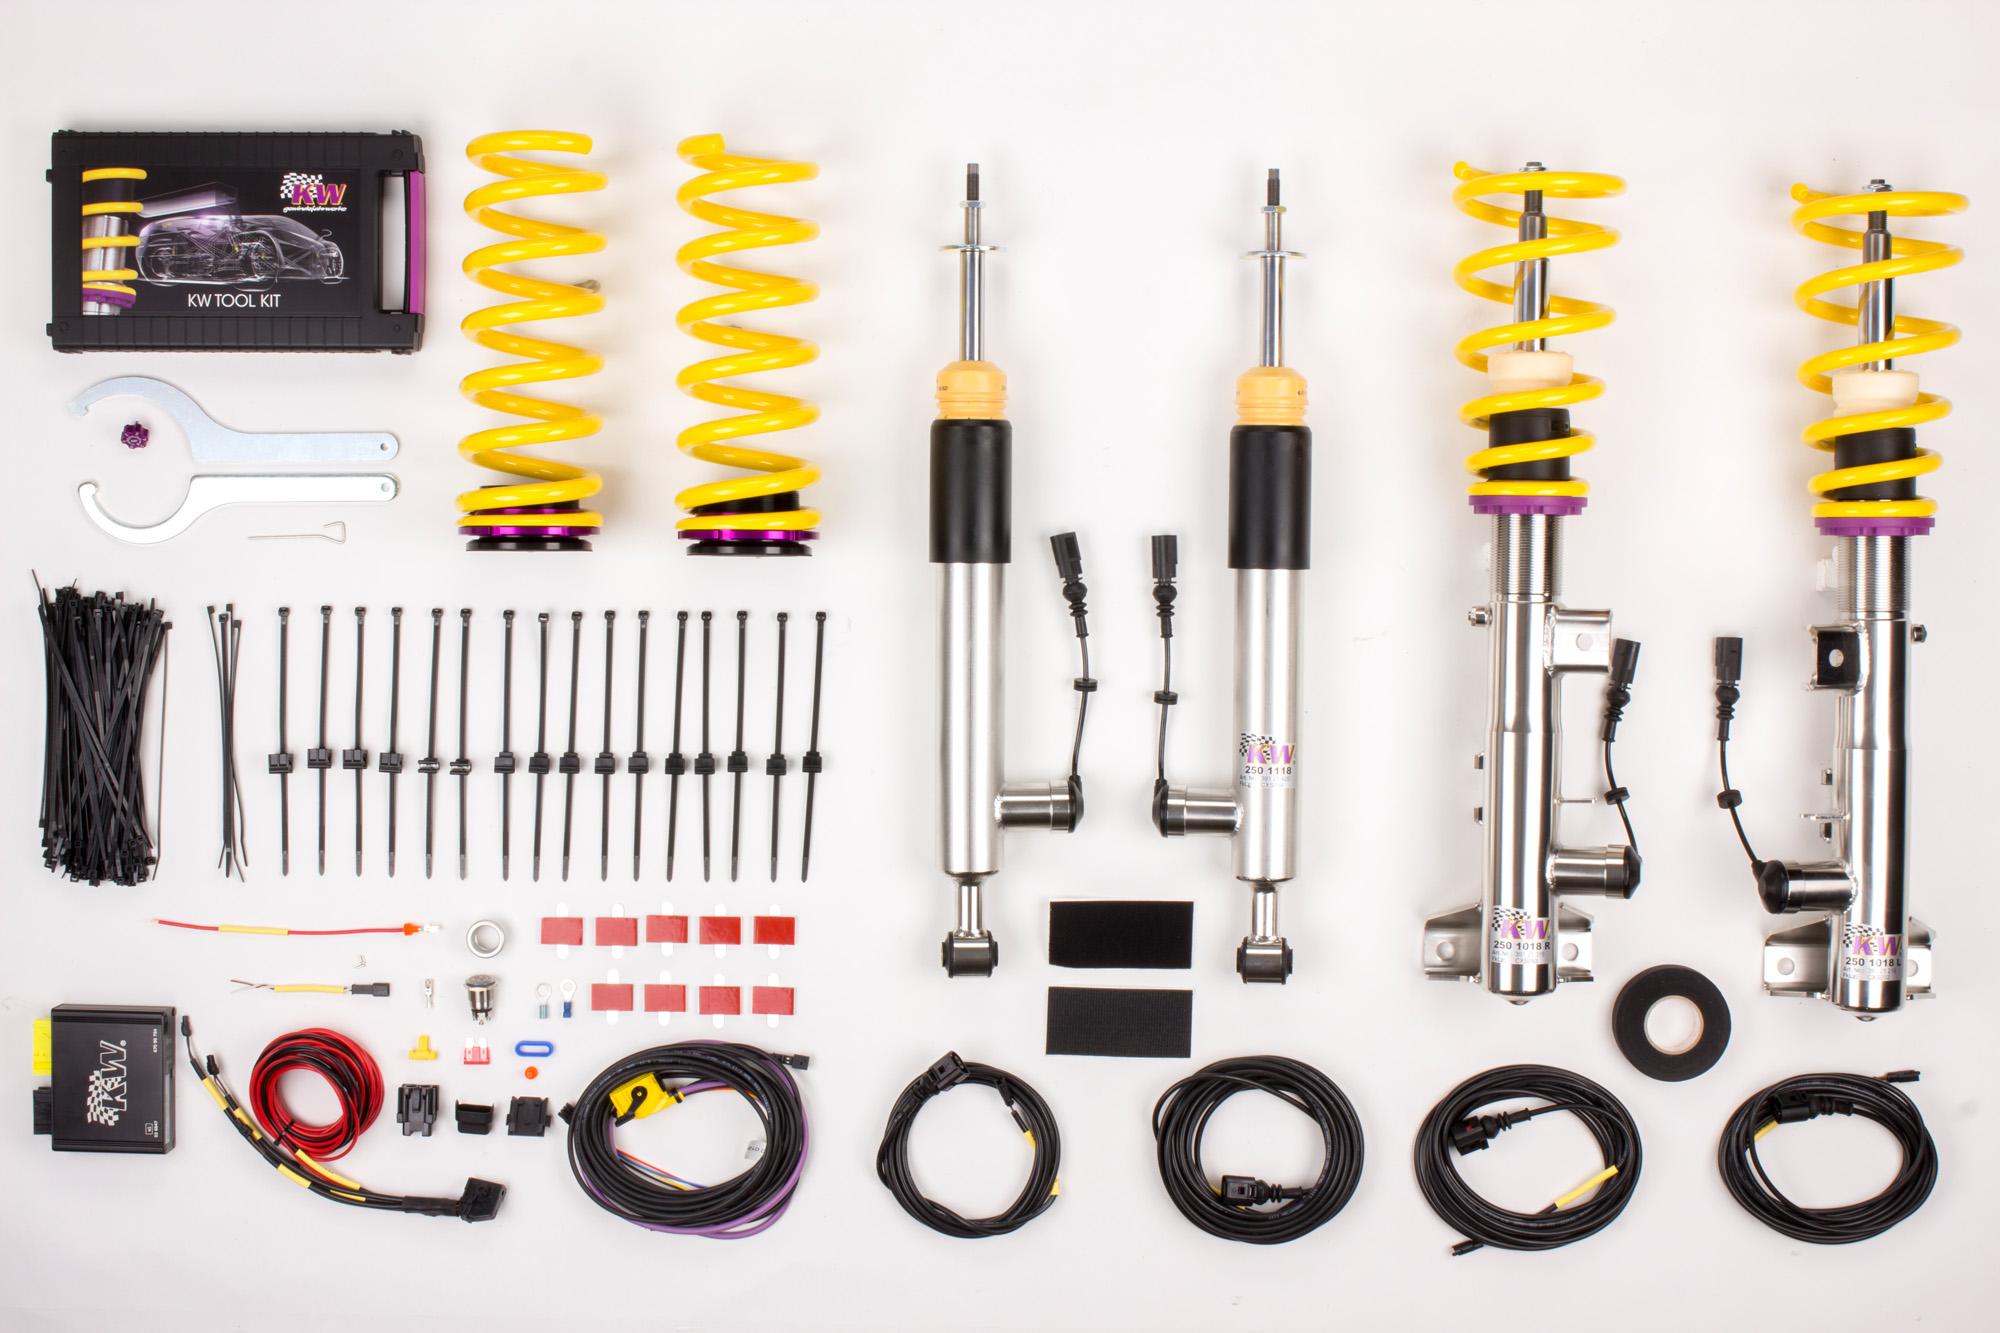 kw-ddc-ecu-fahrwerk-c63-amg-black-series-002